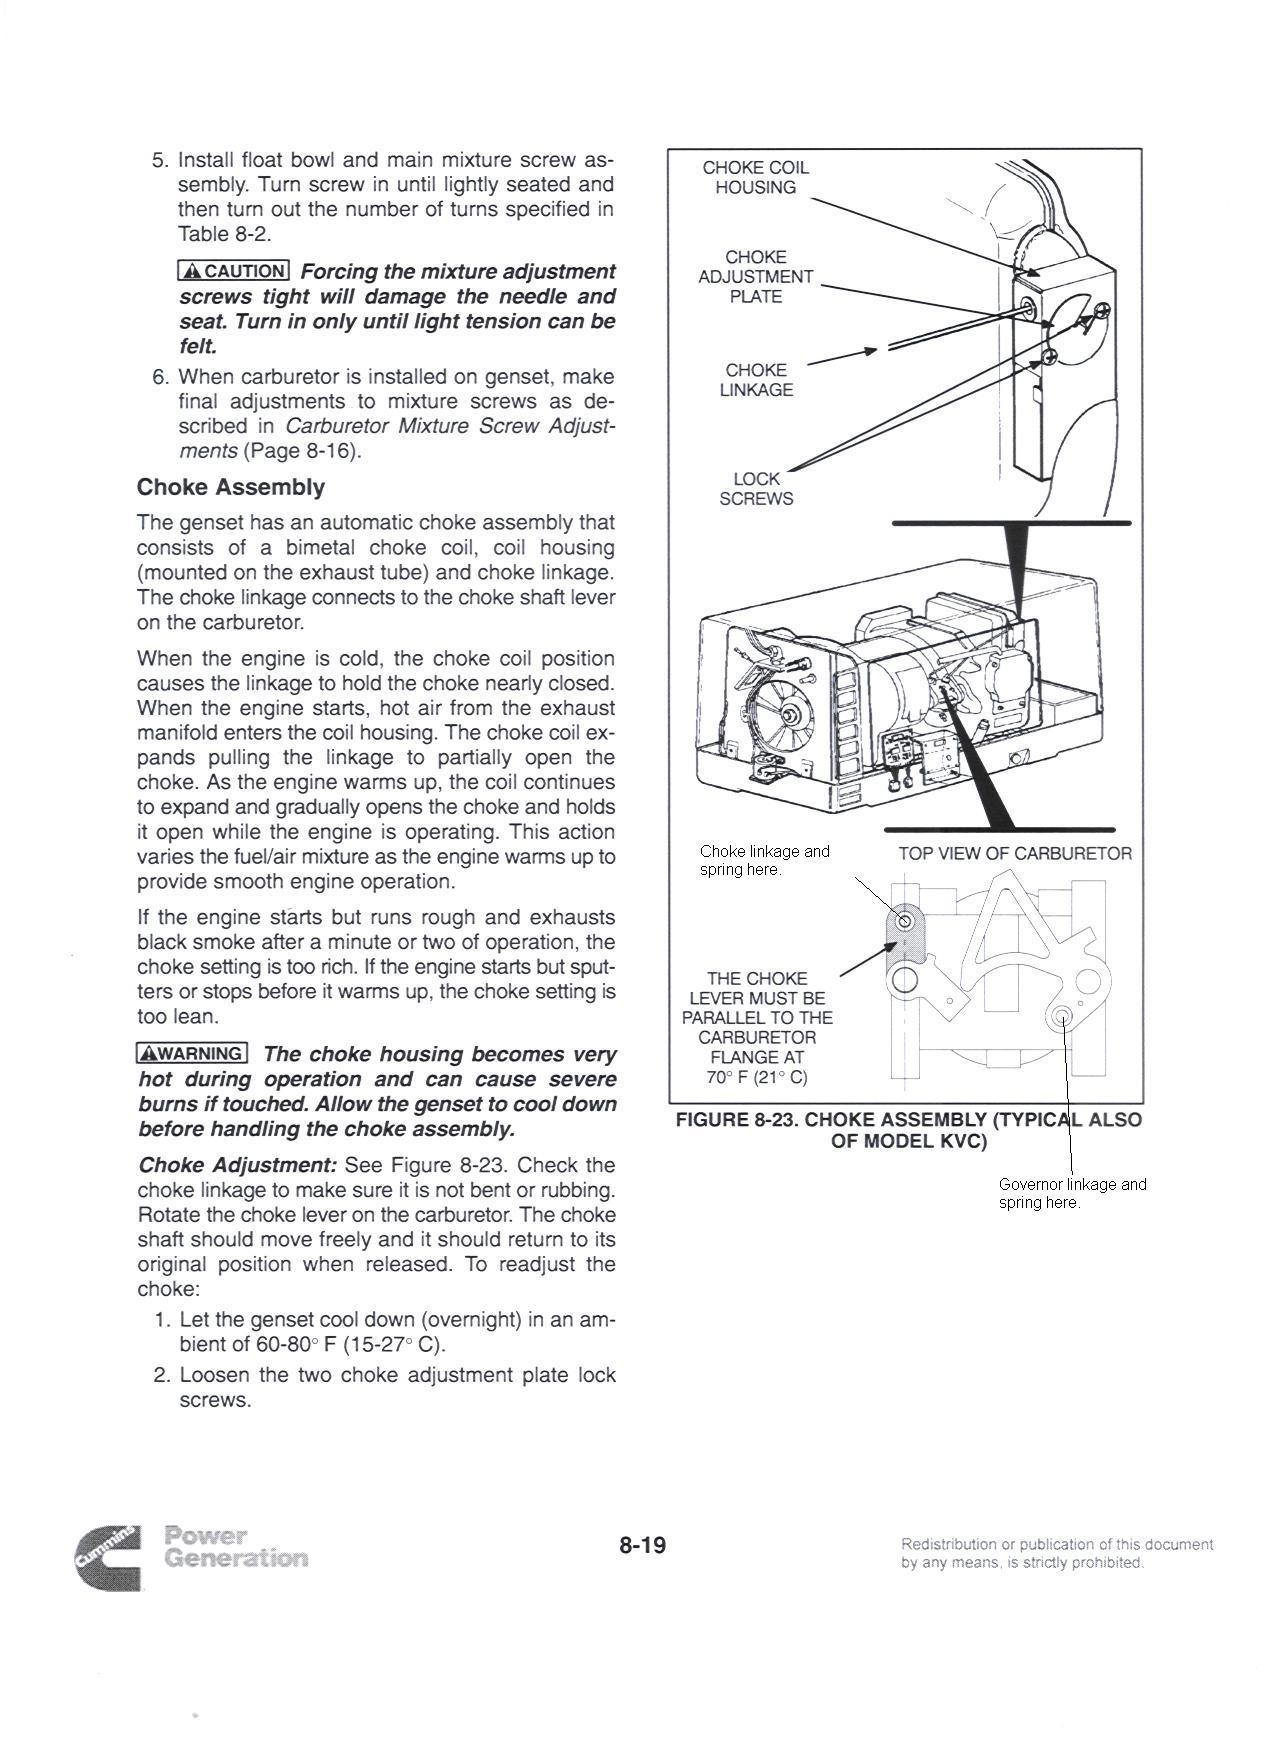 onan remote start switch wiring on onan images free download Rv Generator Wiring Diagram onan 4000 generator wiring diagram onan generator wiring diagram rv transfer switch wiring rv generator wiring diagram